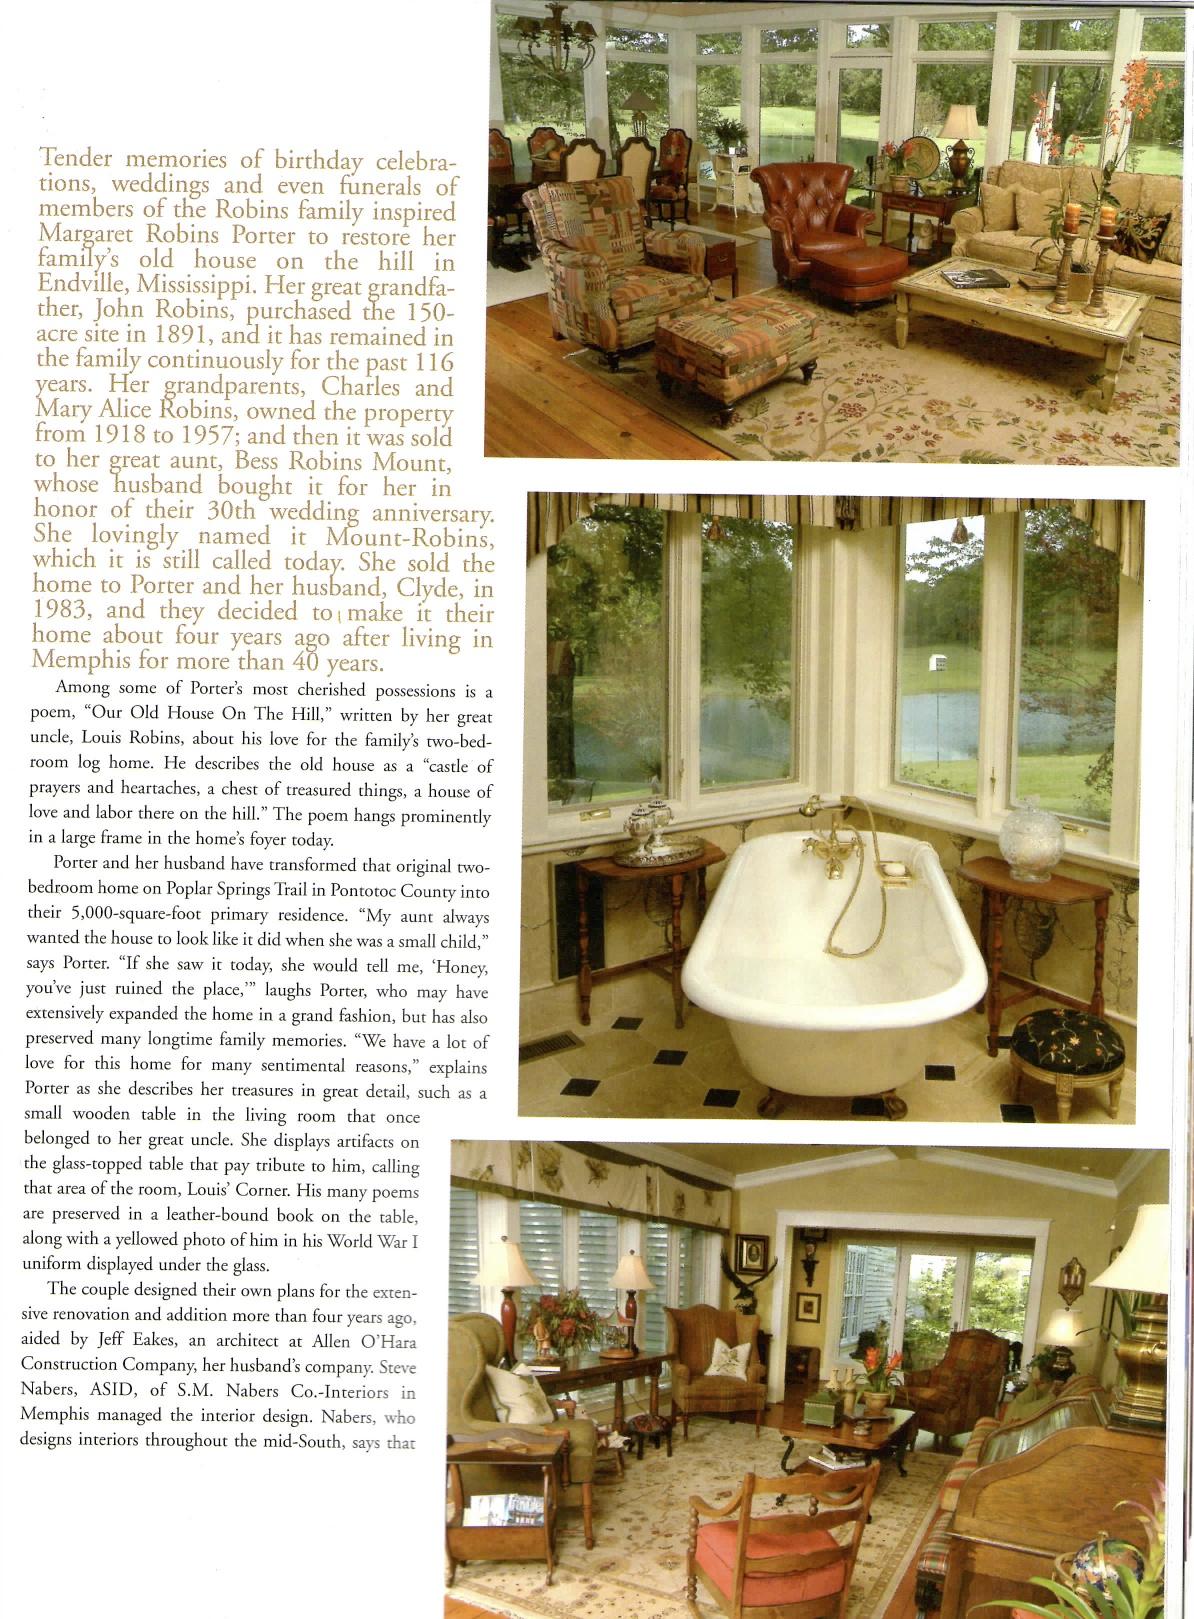 Endville-pages 6.jpg